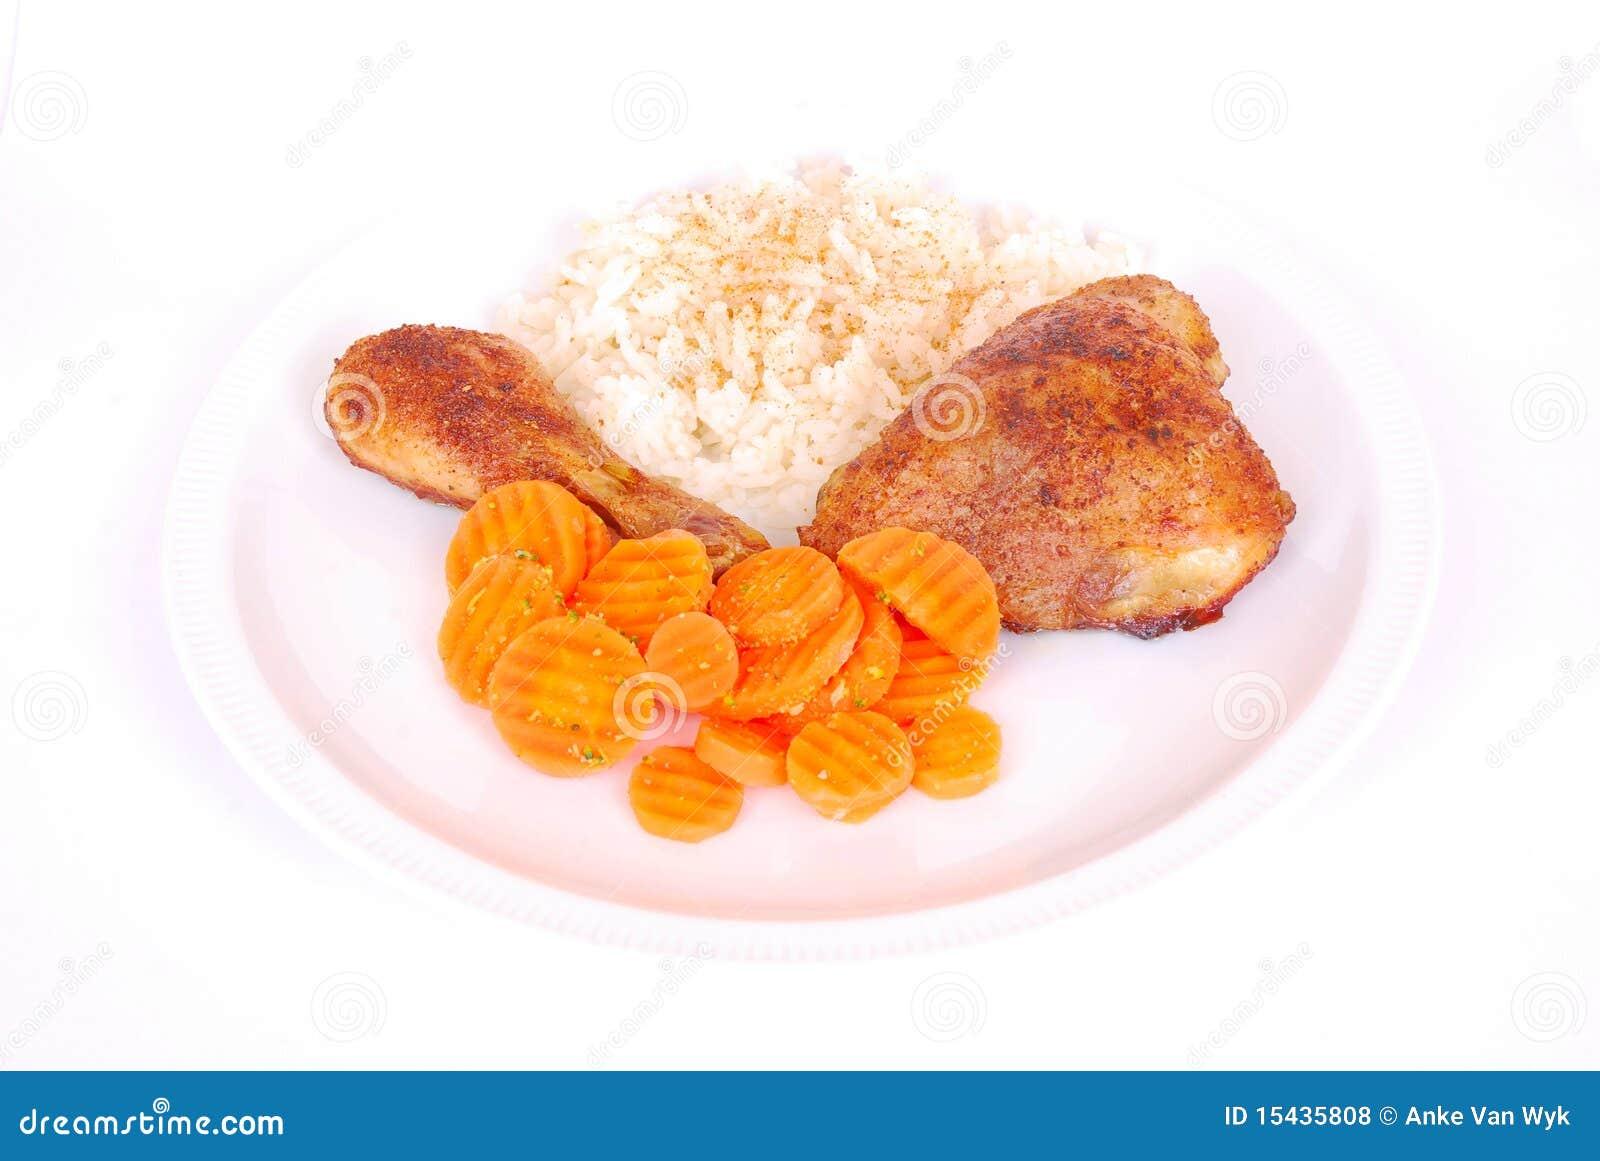 Piatto di pollo portoghese